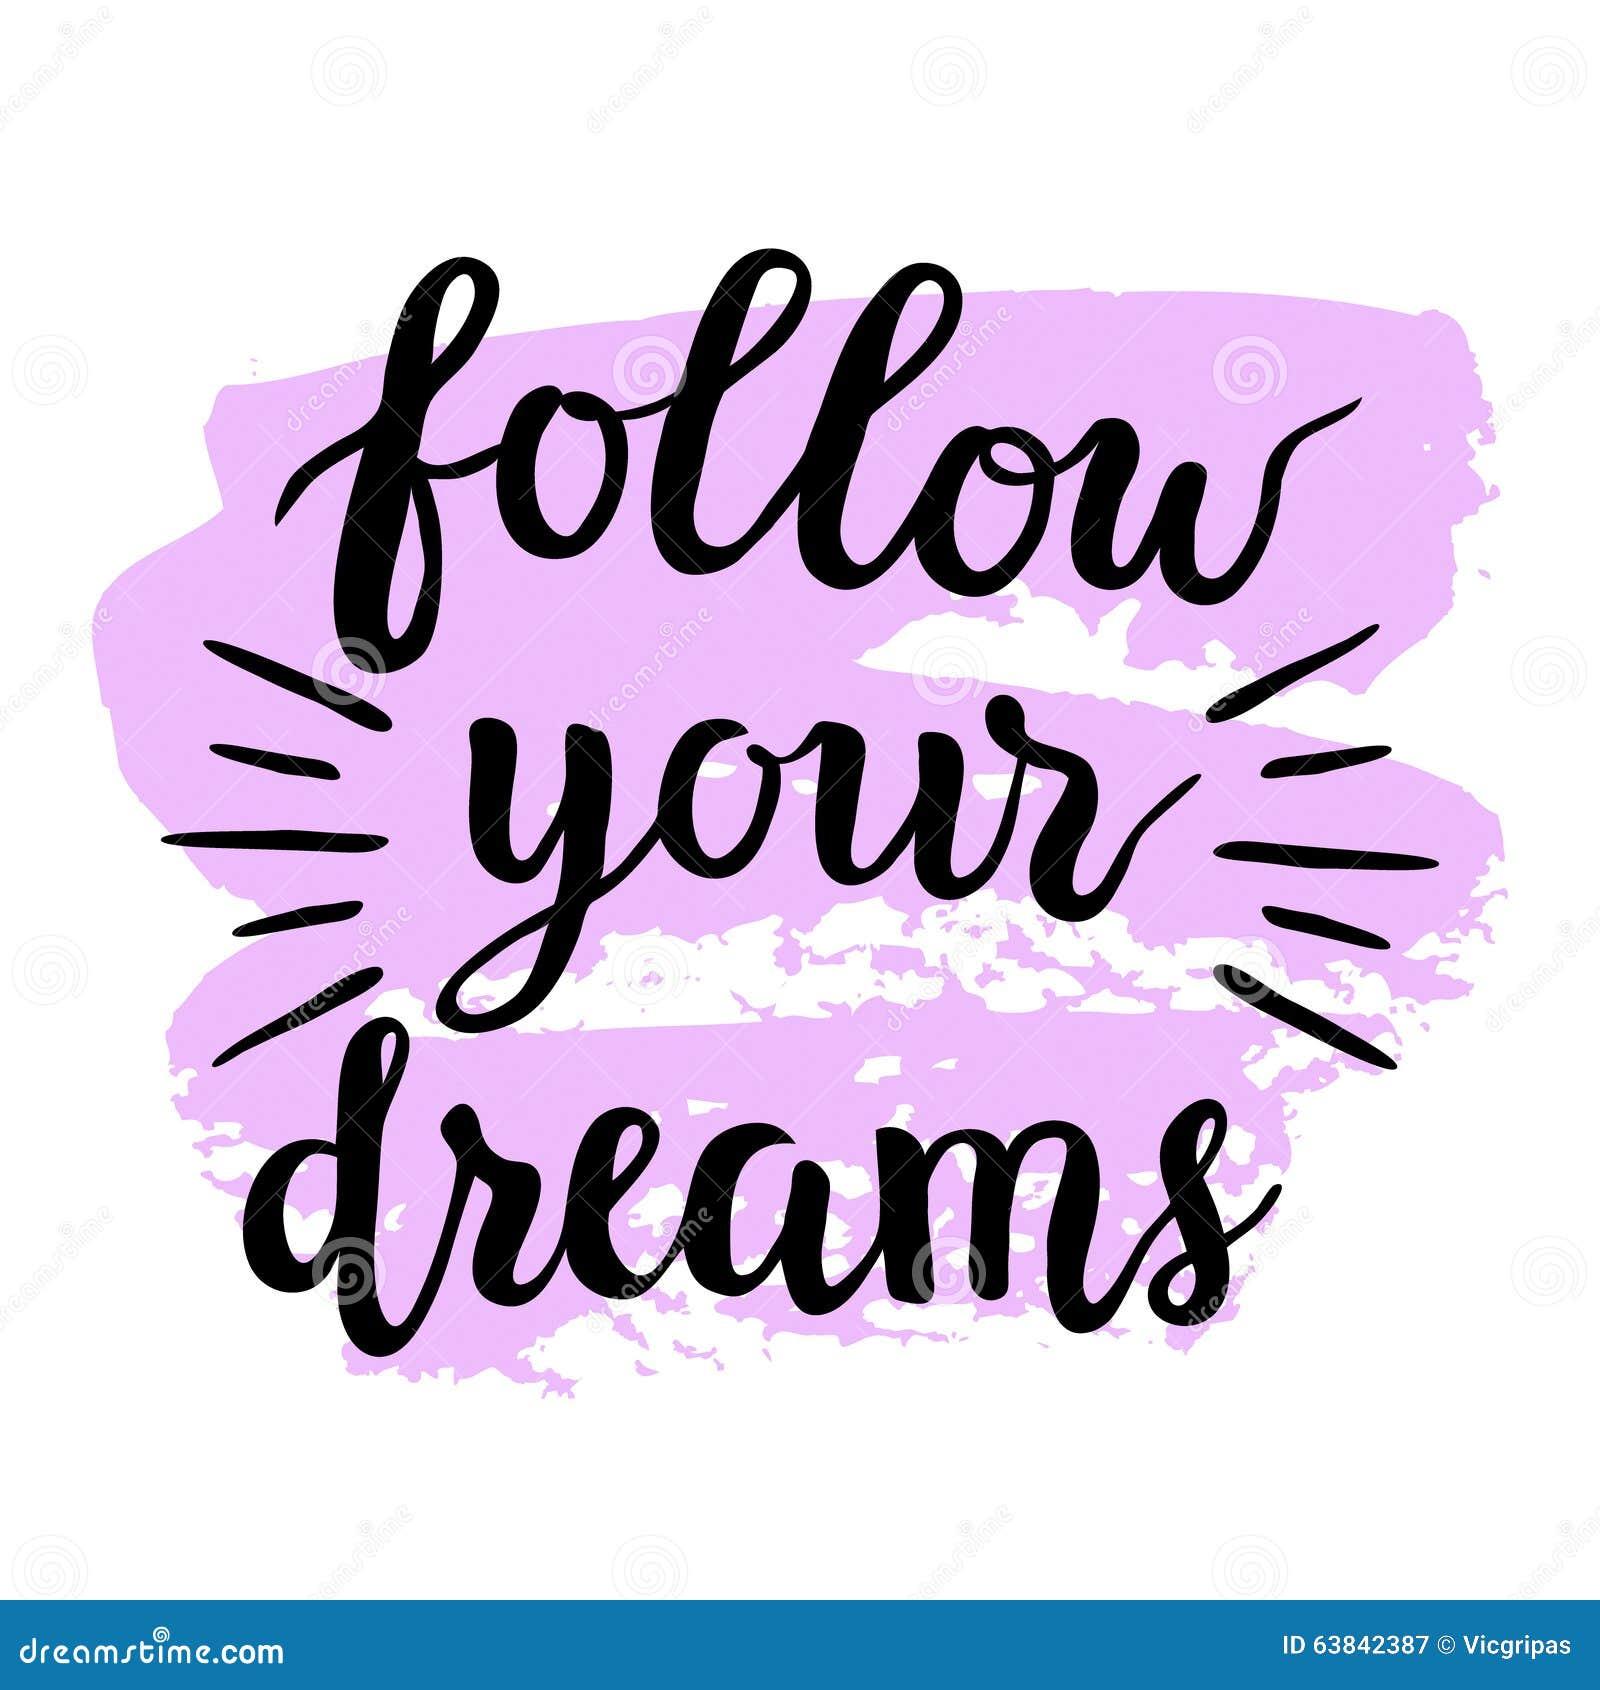 Follow your dreams modern calligraphy stock vector